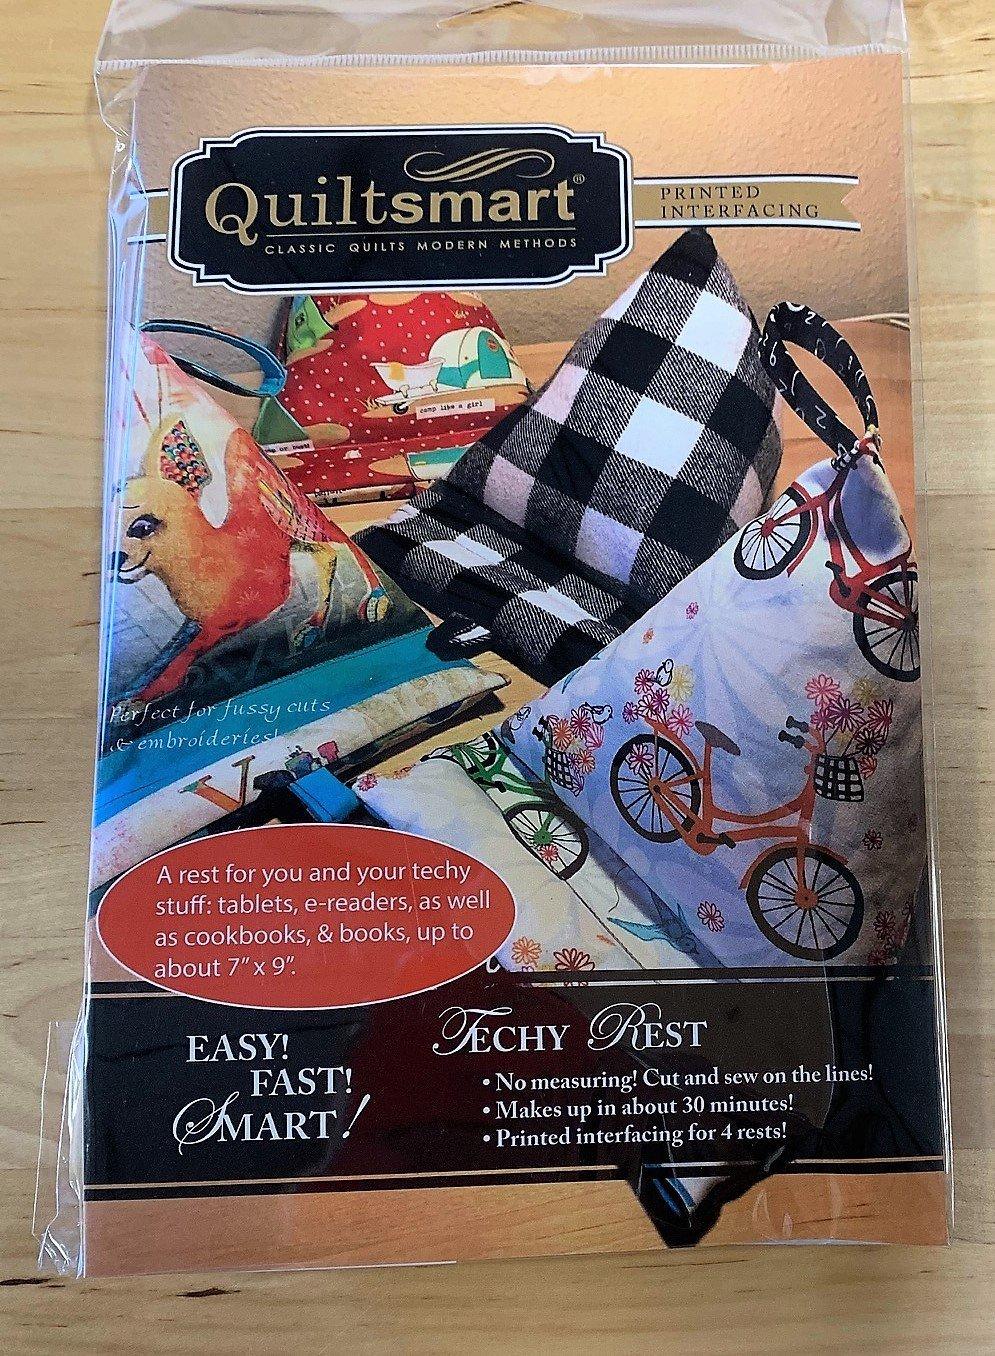 Quiltsmart Techy Rest